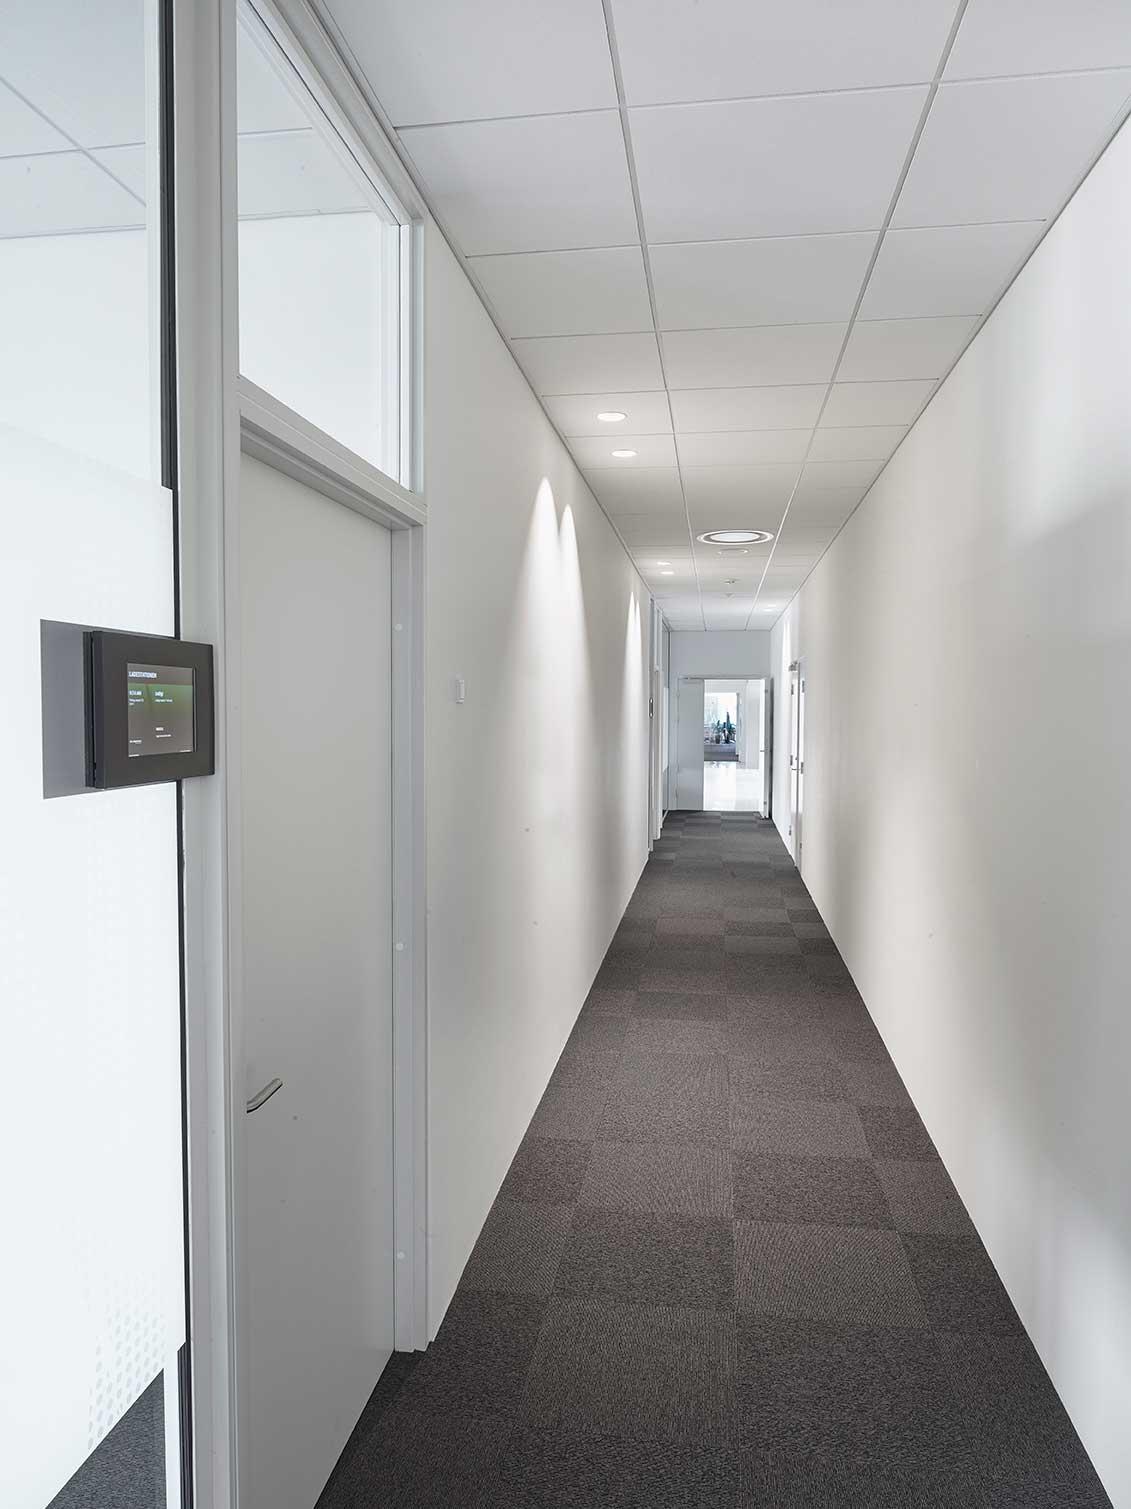 EDLR 195 indbygget i loftet langs gang, placeret langs væggene for at give et lysspil derpå - Luminex